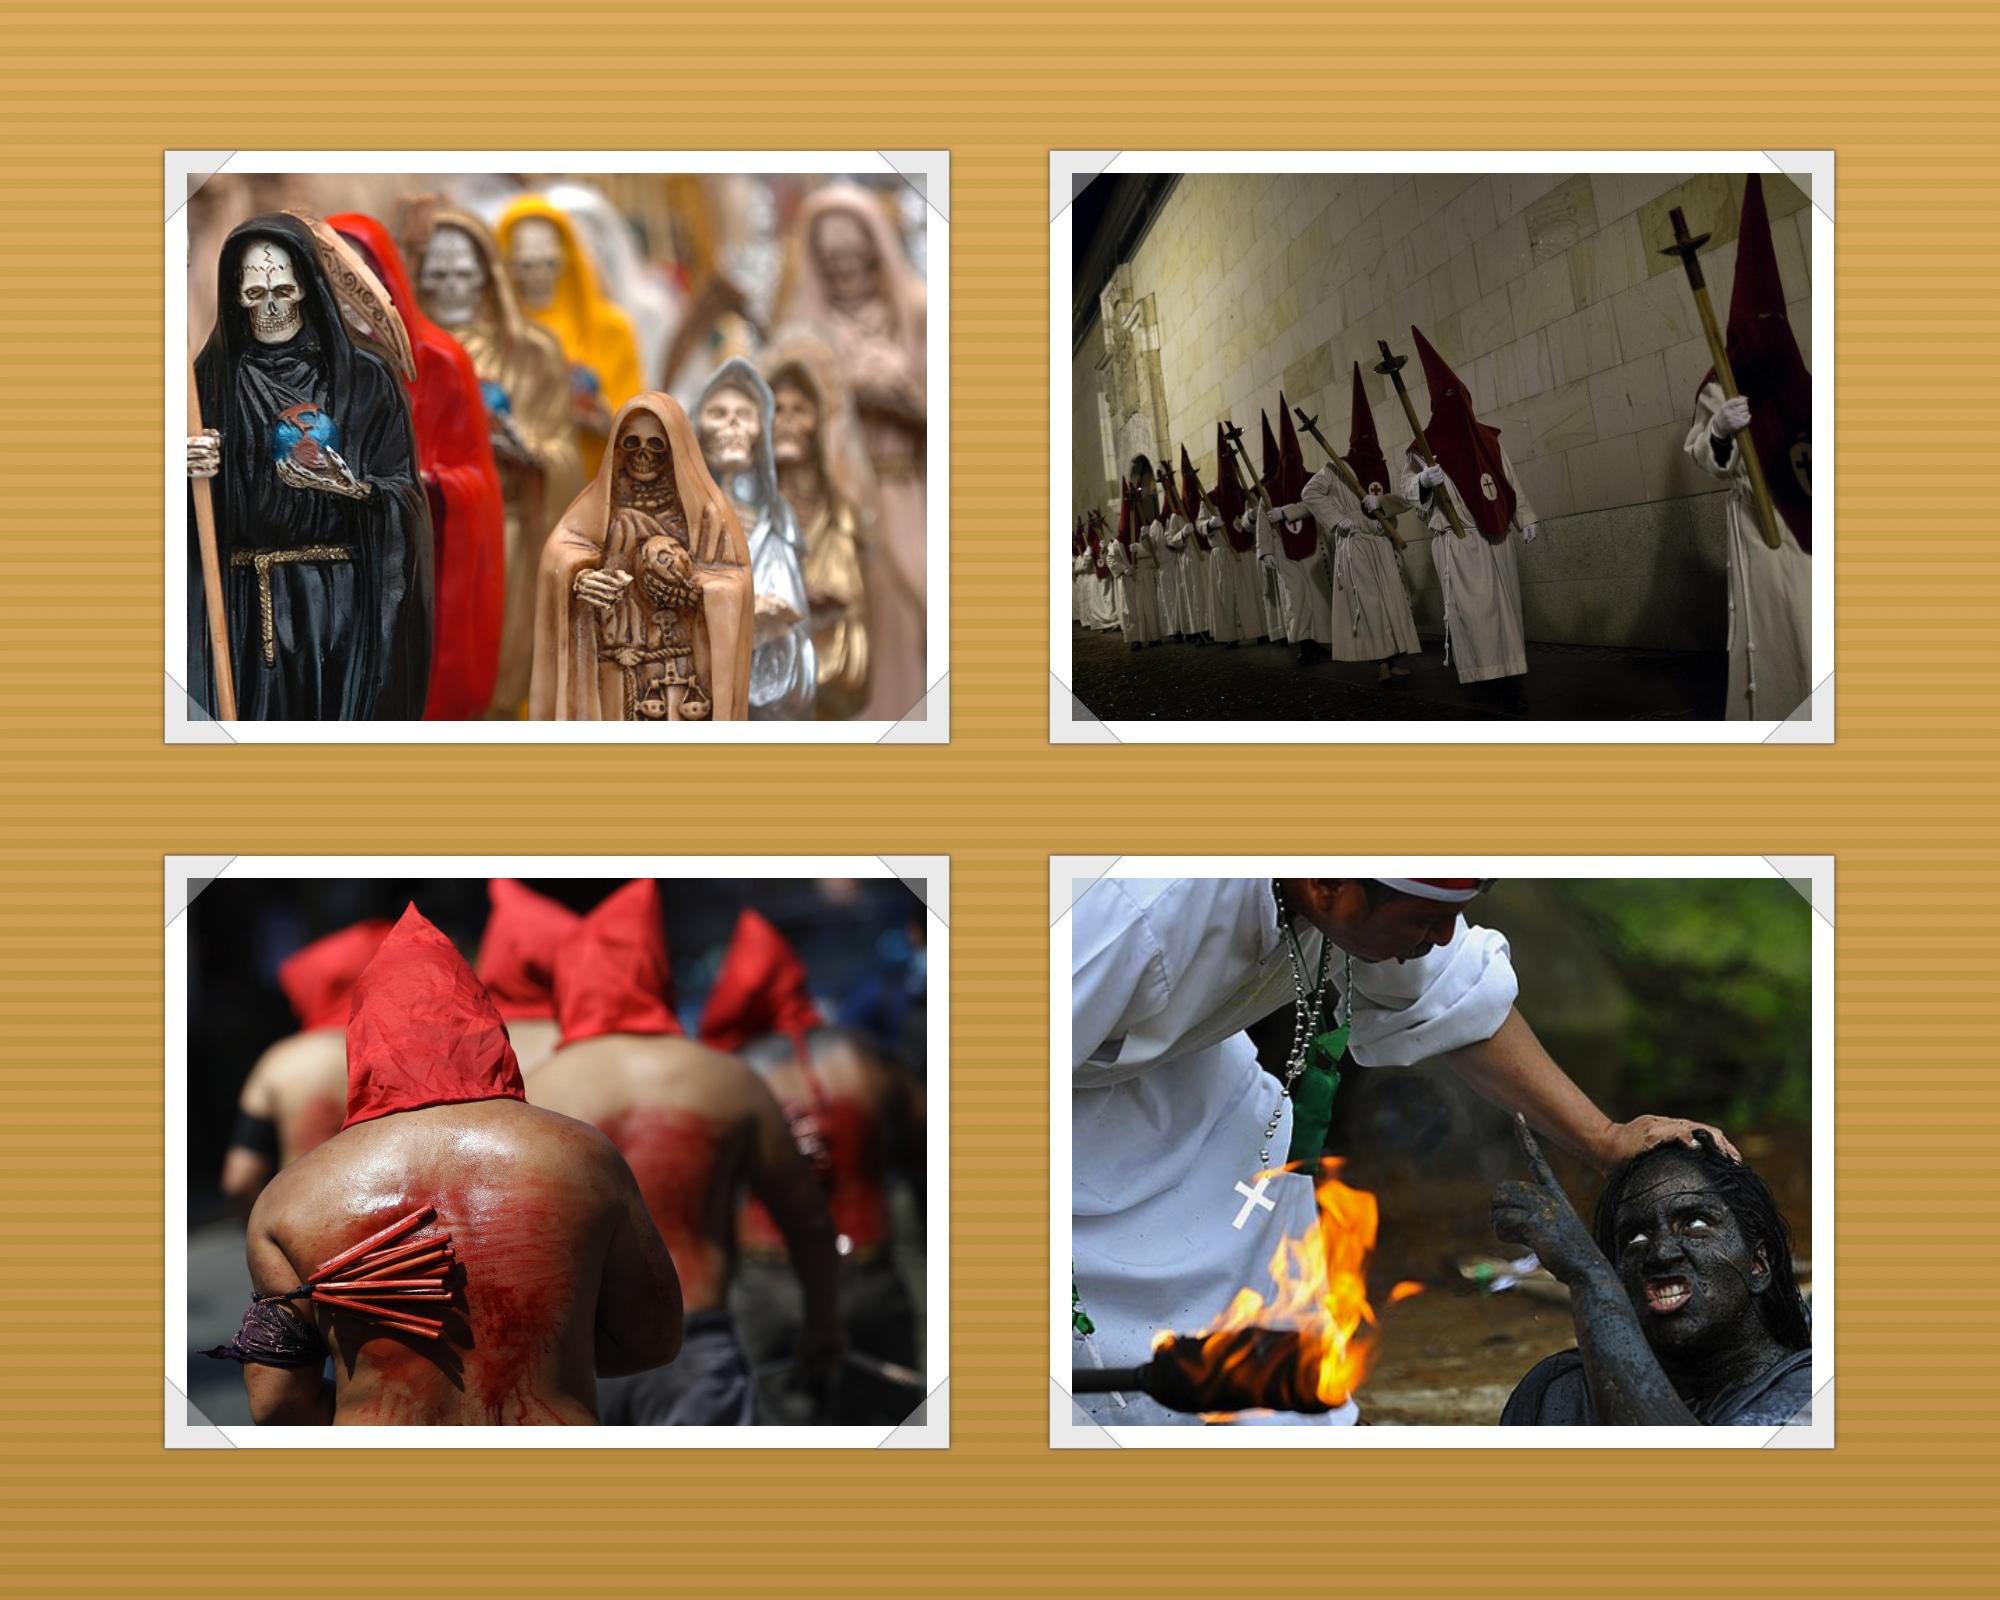 Черные ритуалы сатанинских сексуальных культов 16 фотография